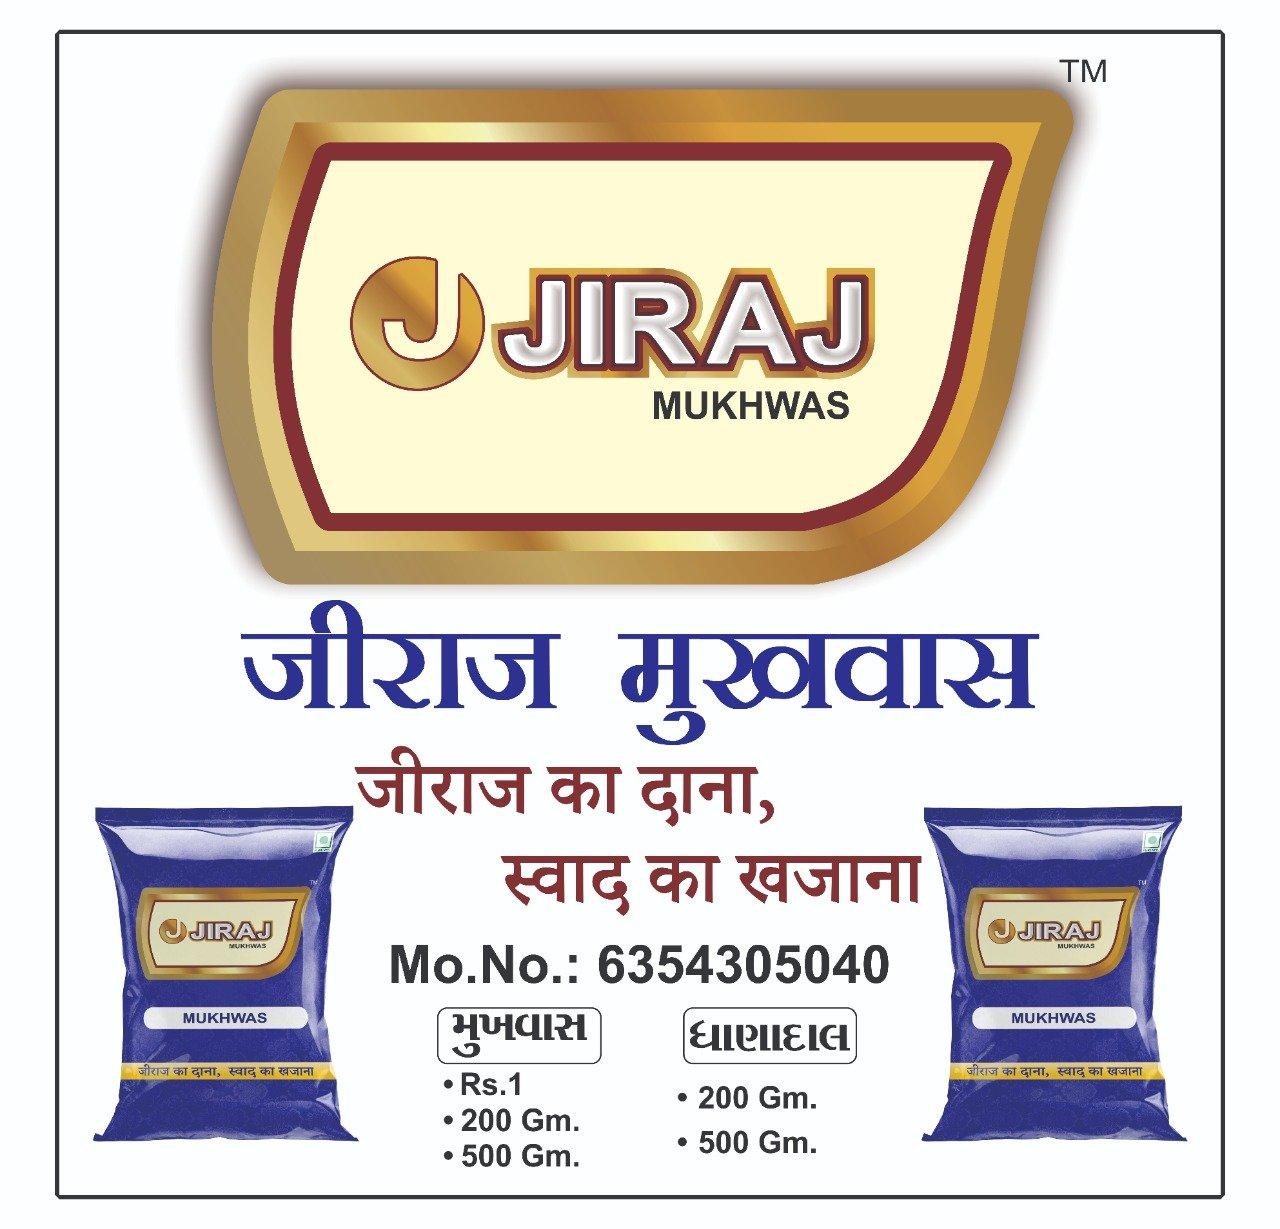 Jiraj Mukhwas